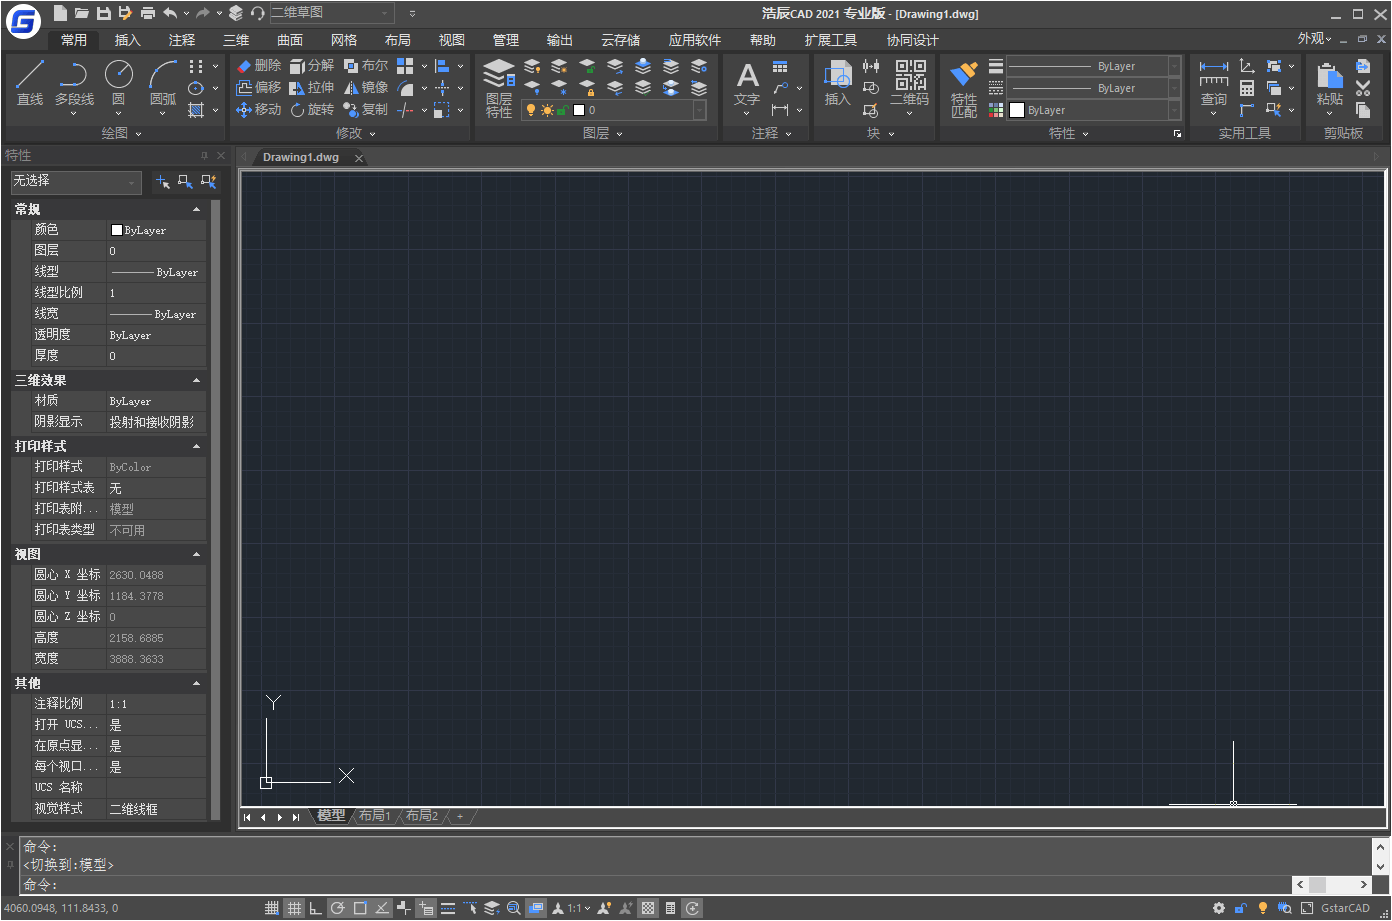 '浩辰CAD2021中文专业版'的缩略图